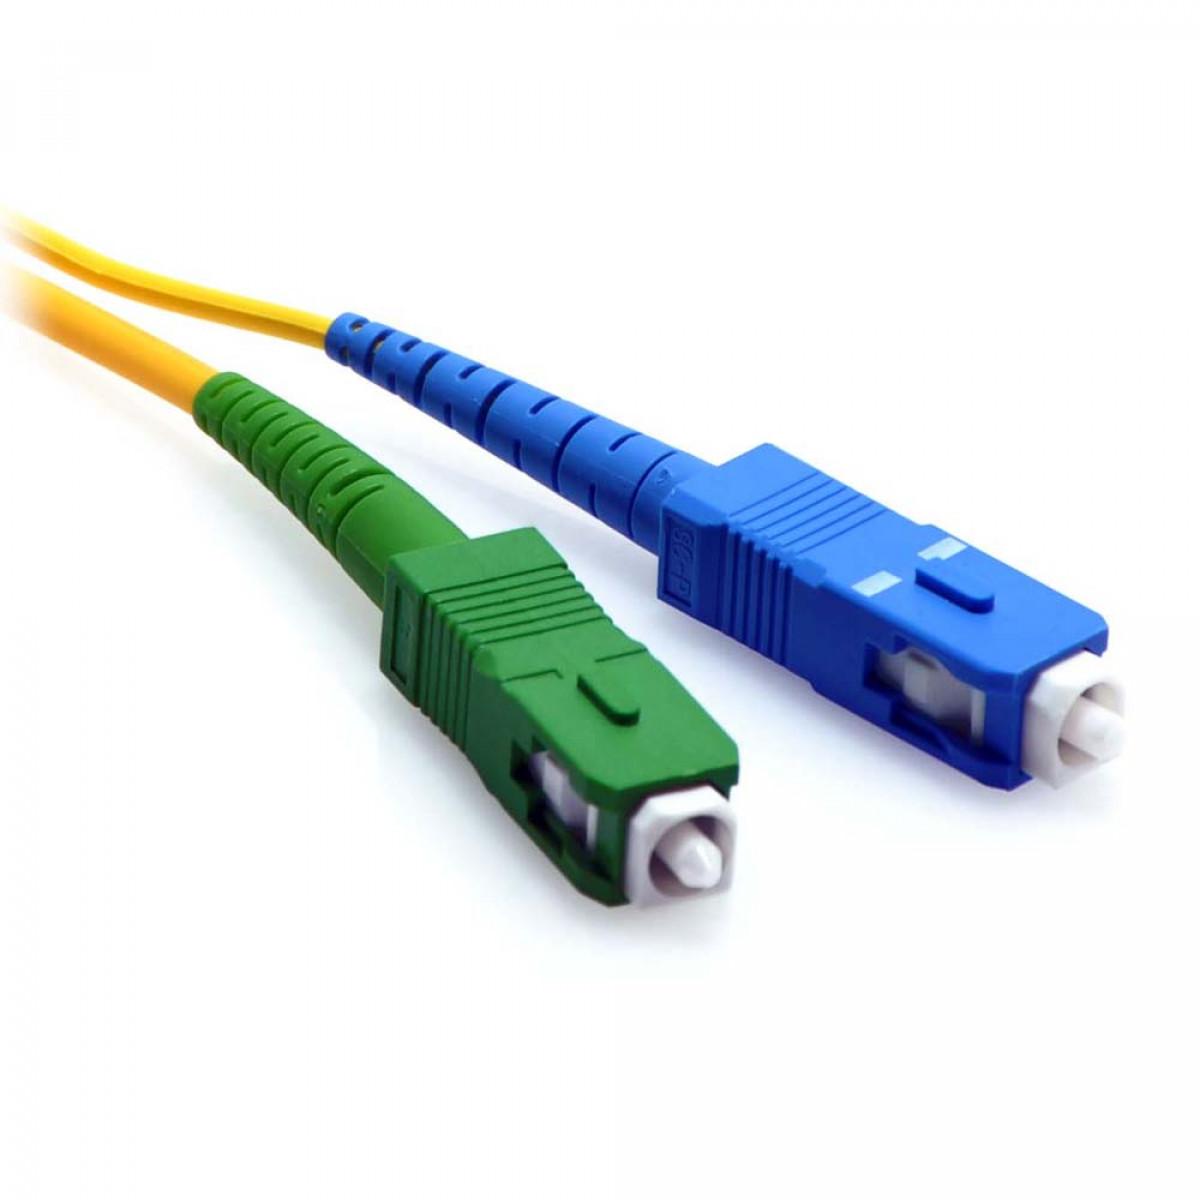 2m Sc Apc To Sc Upc Simplex 9 125 Singlemode Fiber Patch